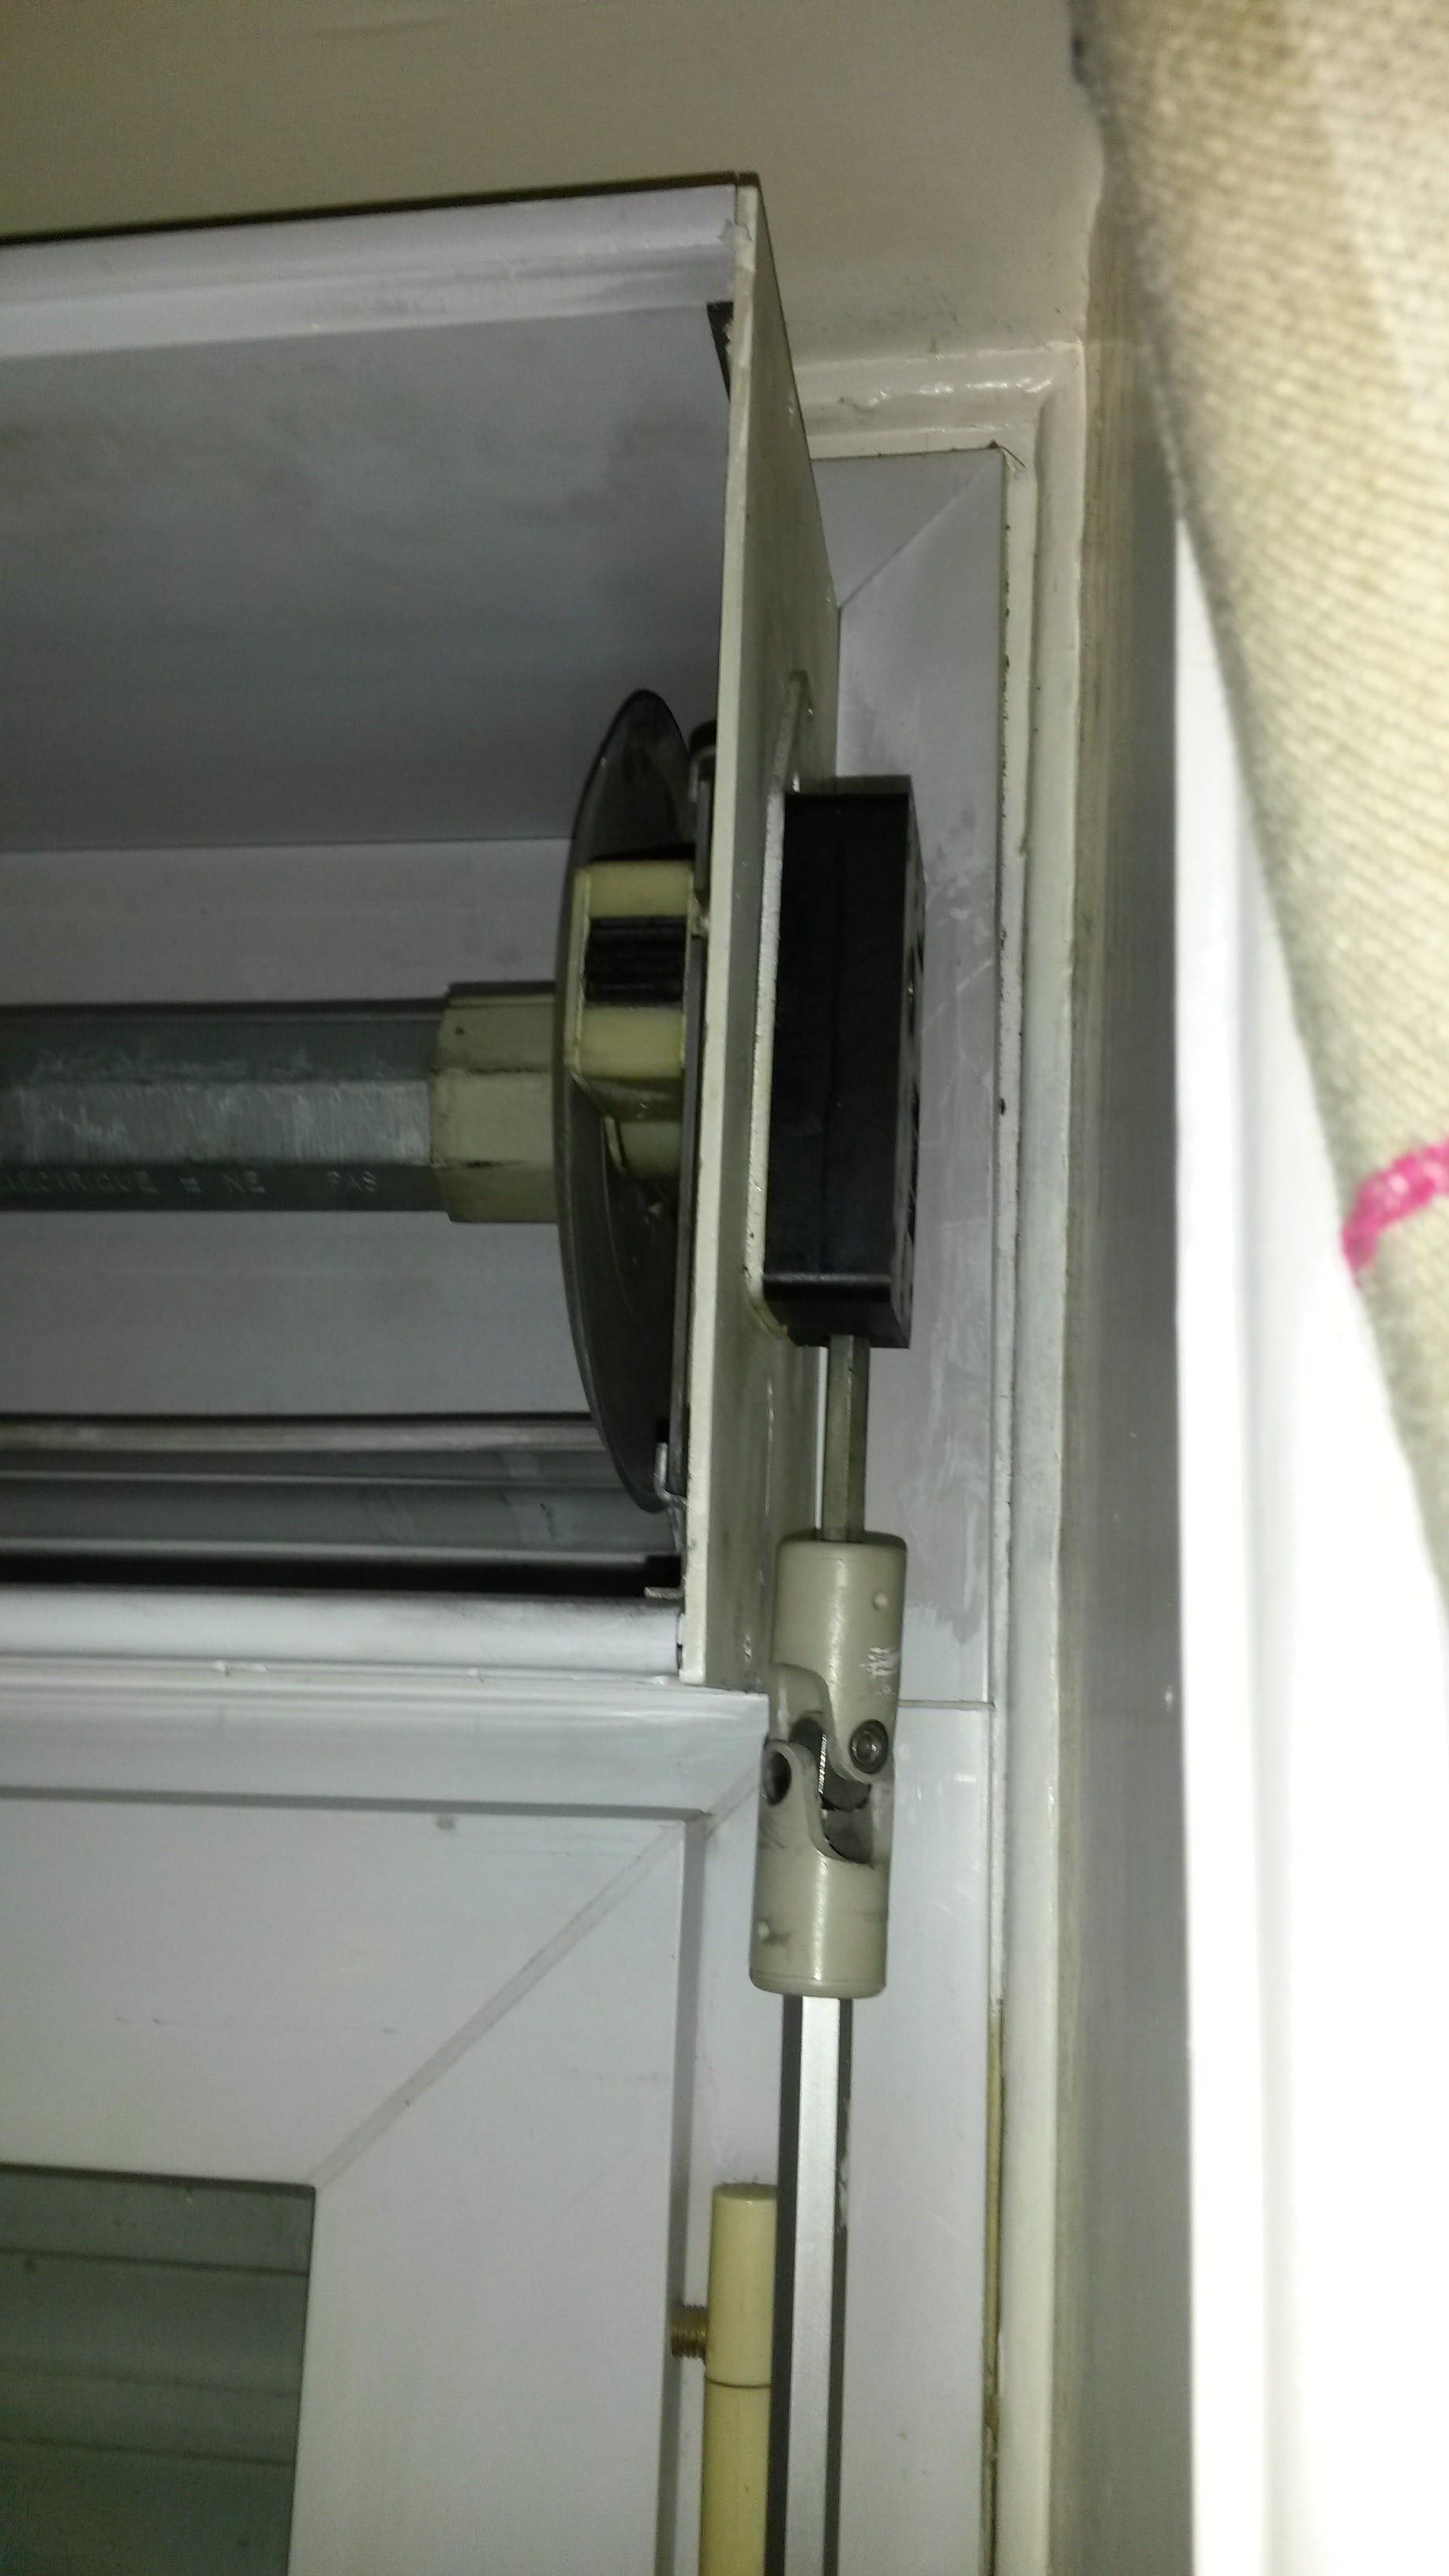 d montage de volet roulant manuel retirer le boitier noir. Black Bedroom Furniture Sets. Home Design Ideas